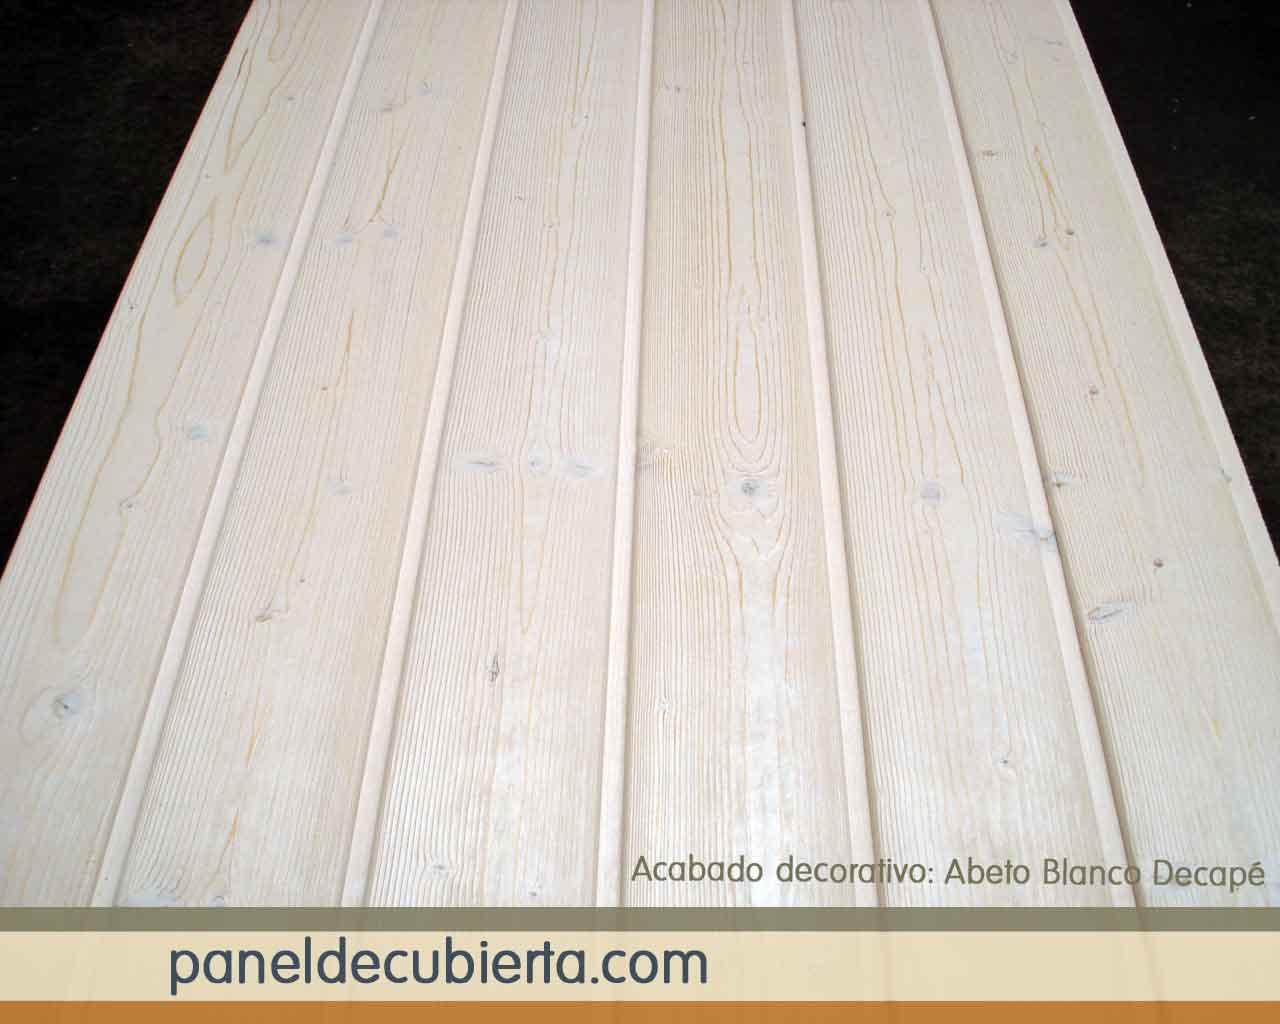 Manualidades con planchas de corcho blanco - Manualidades corcho blanco ...